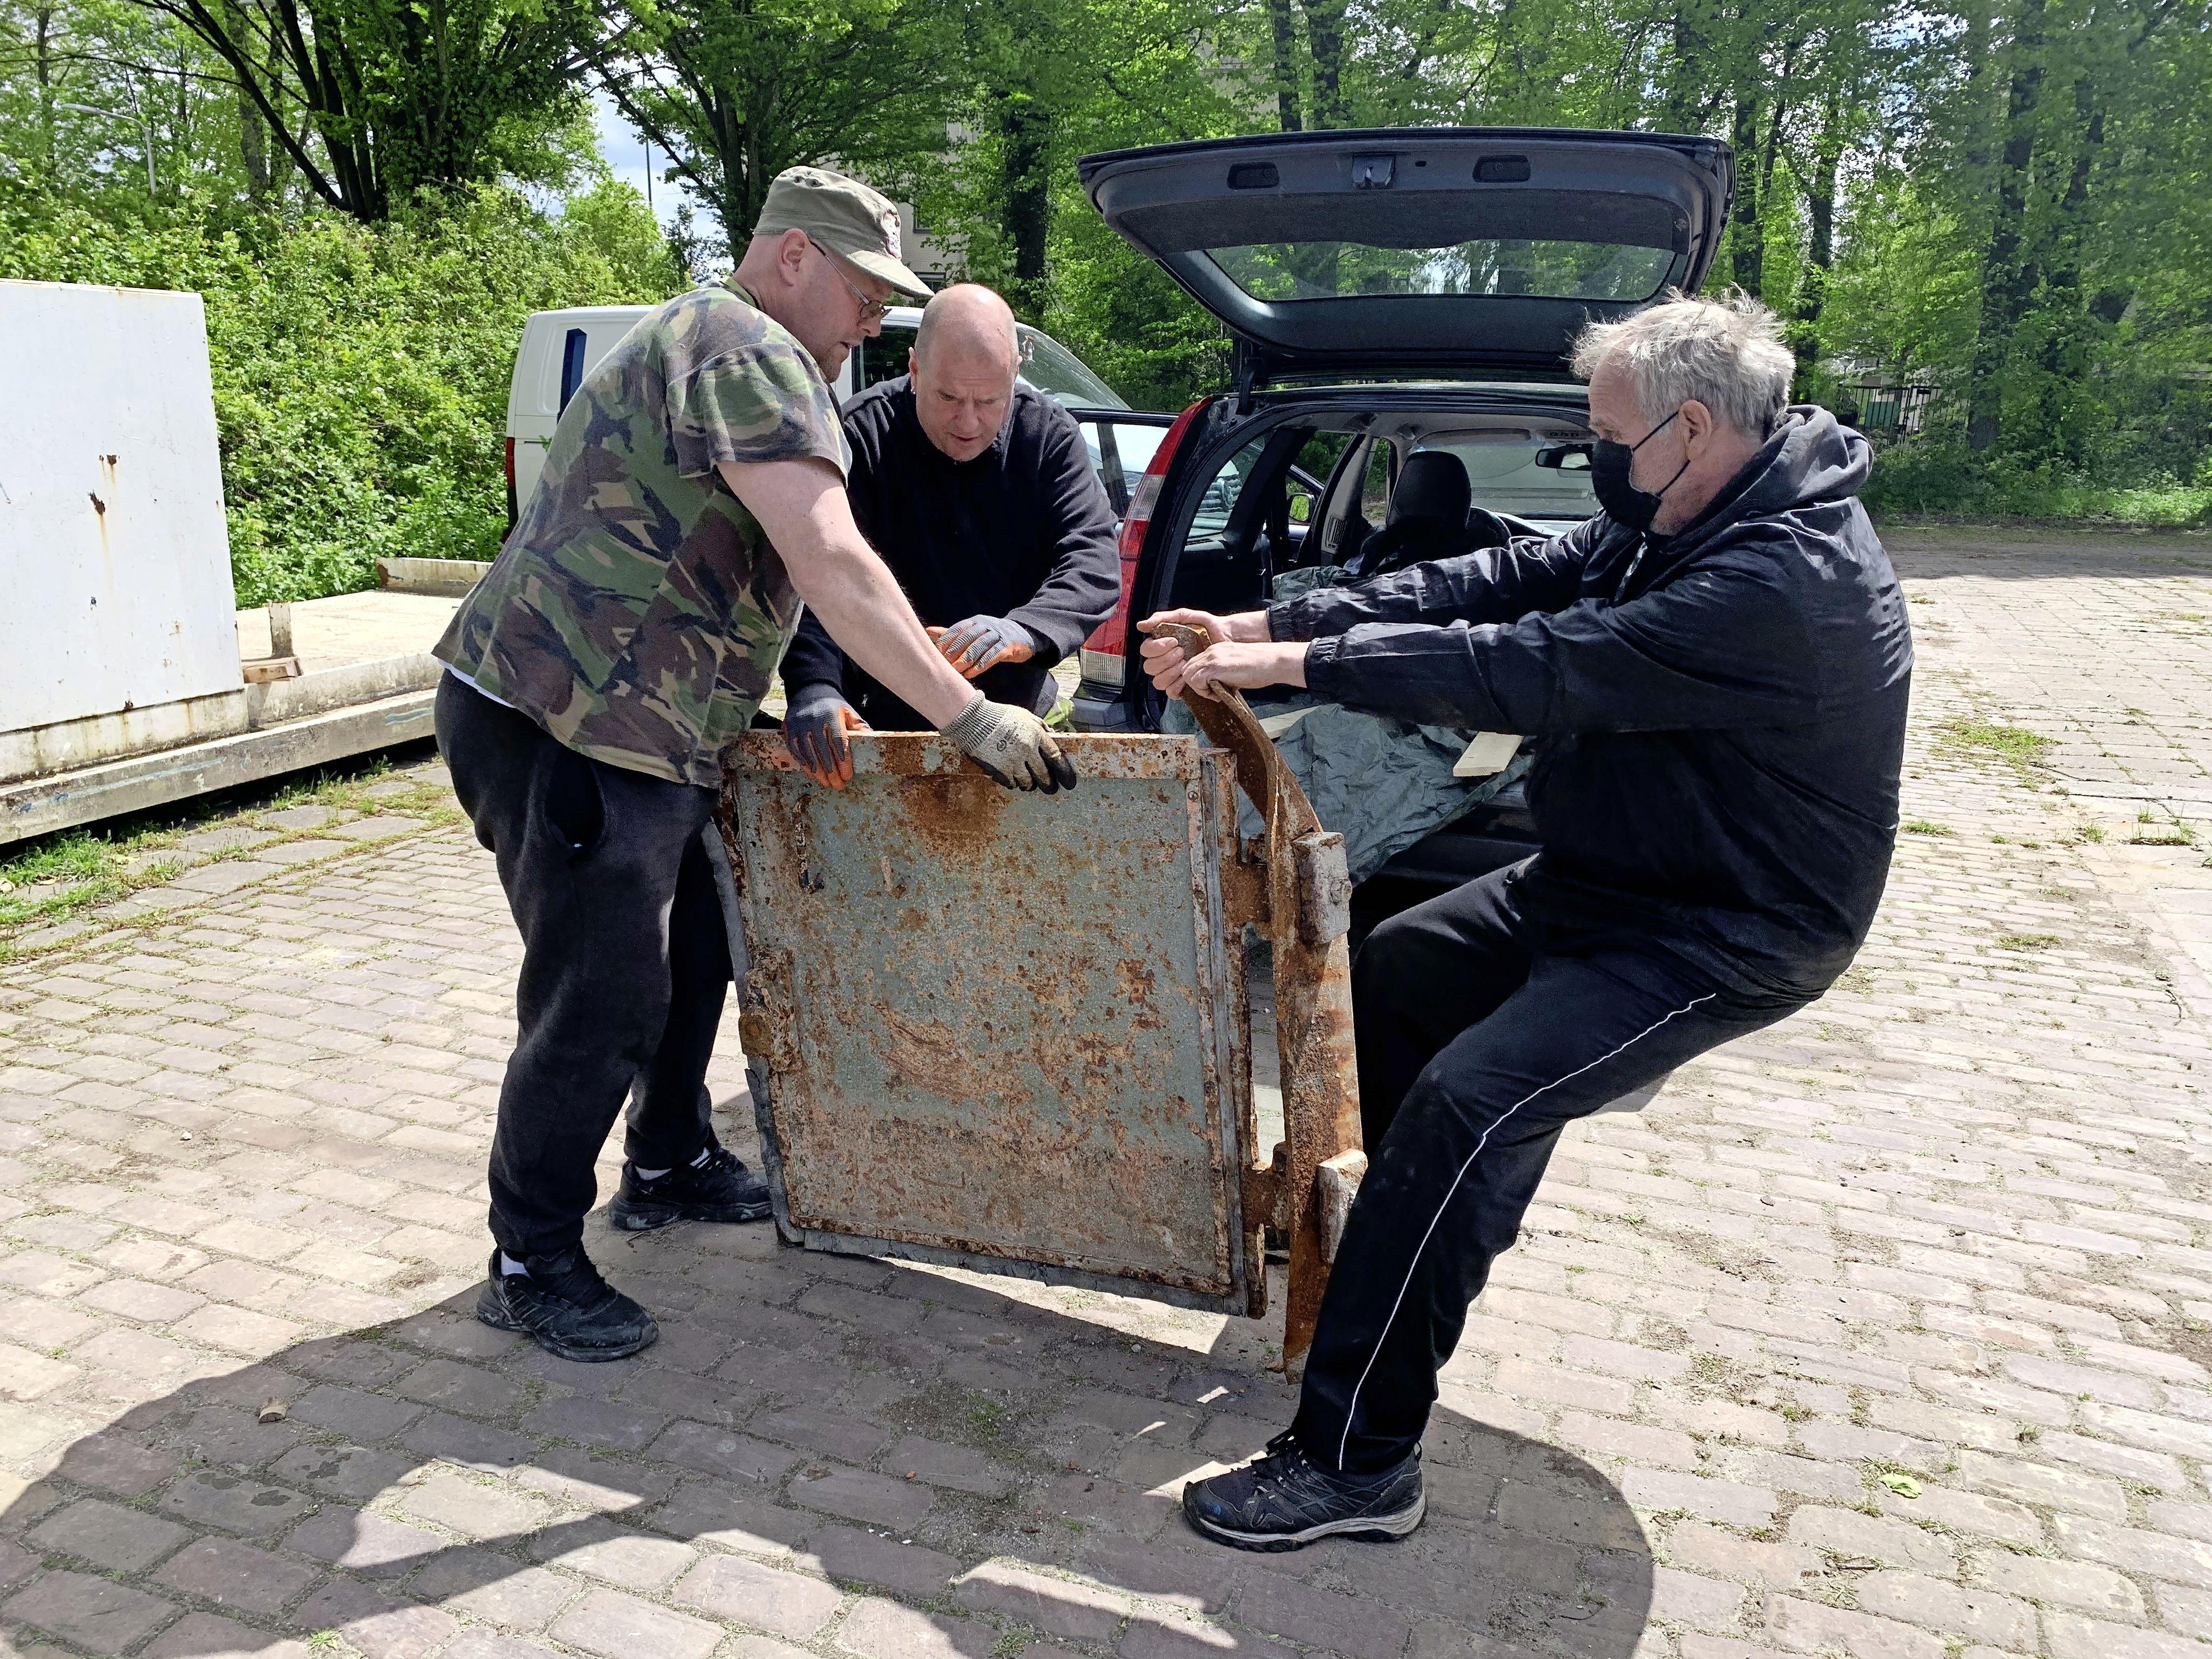 Vrijwilligers van de Haagse Bunker Ploeg worstelen met een stalen deur uit de bunker in Driehuis, met slimheid en kracht krijgen ze 'm in de Volvo